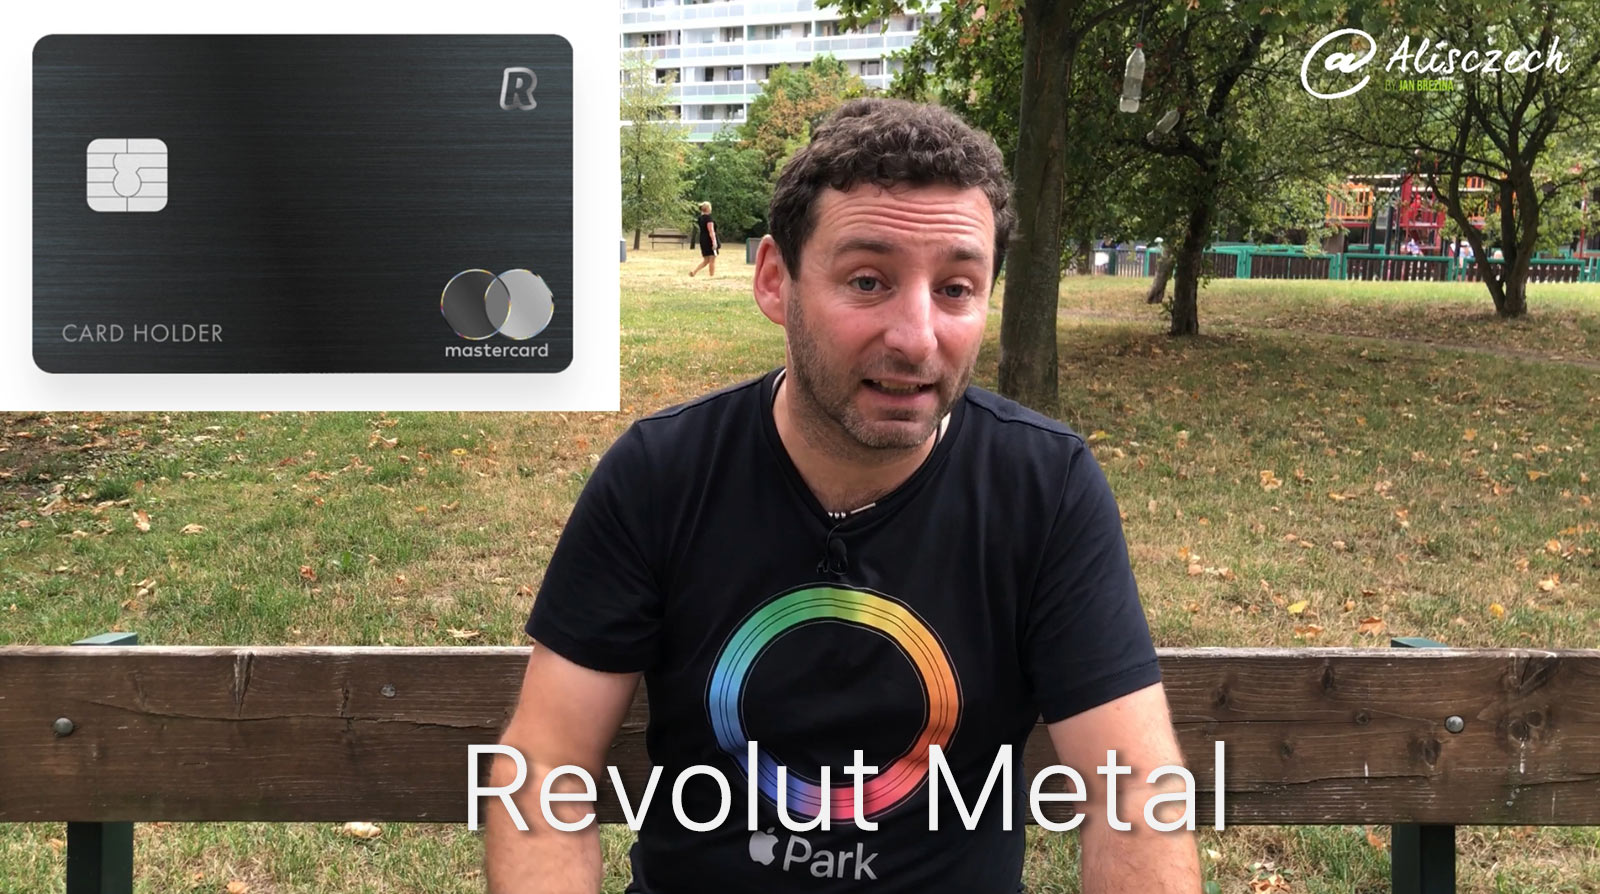 Revolut Metal